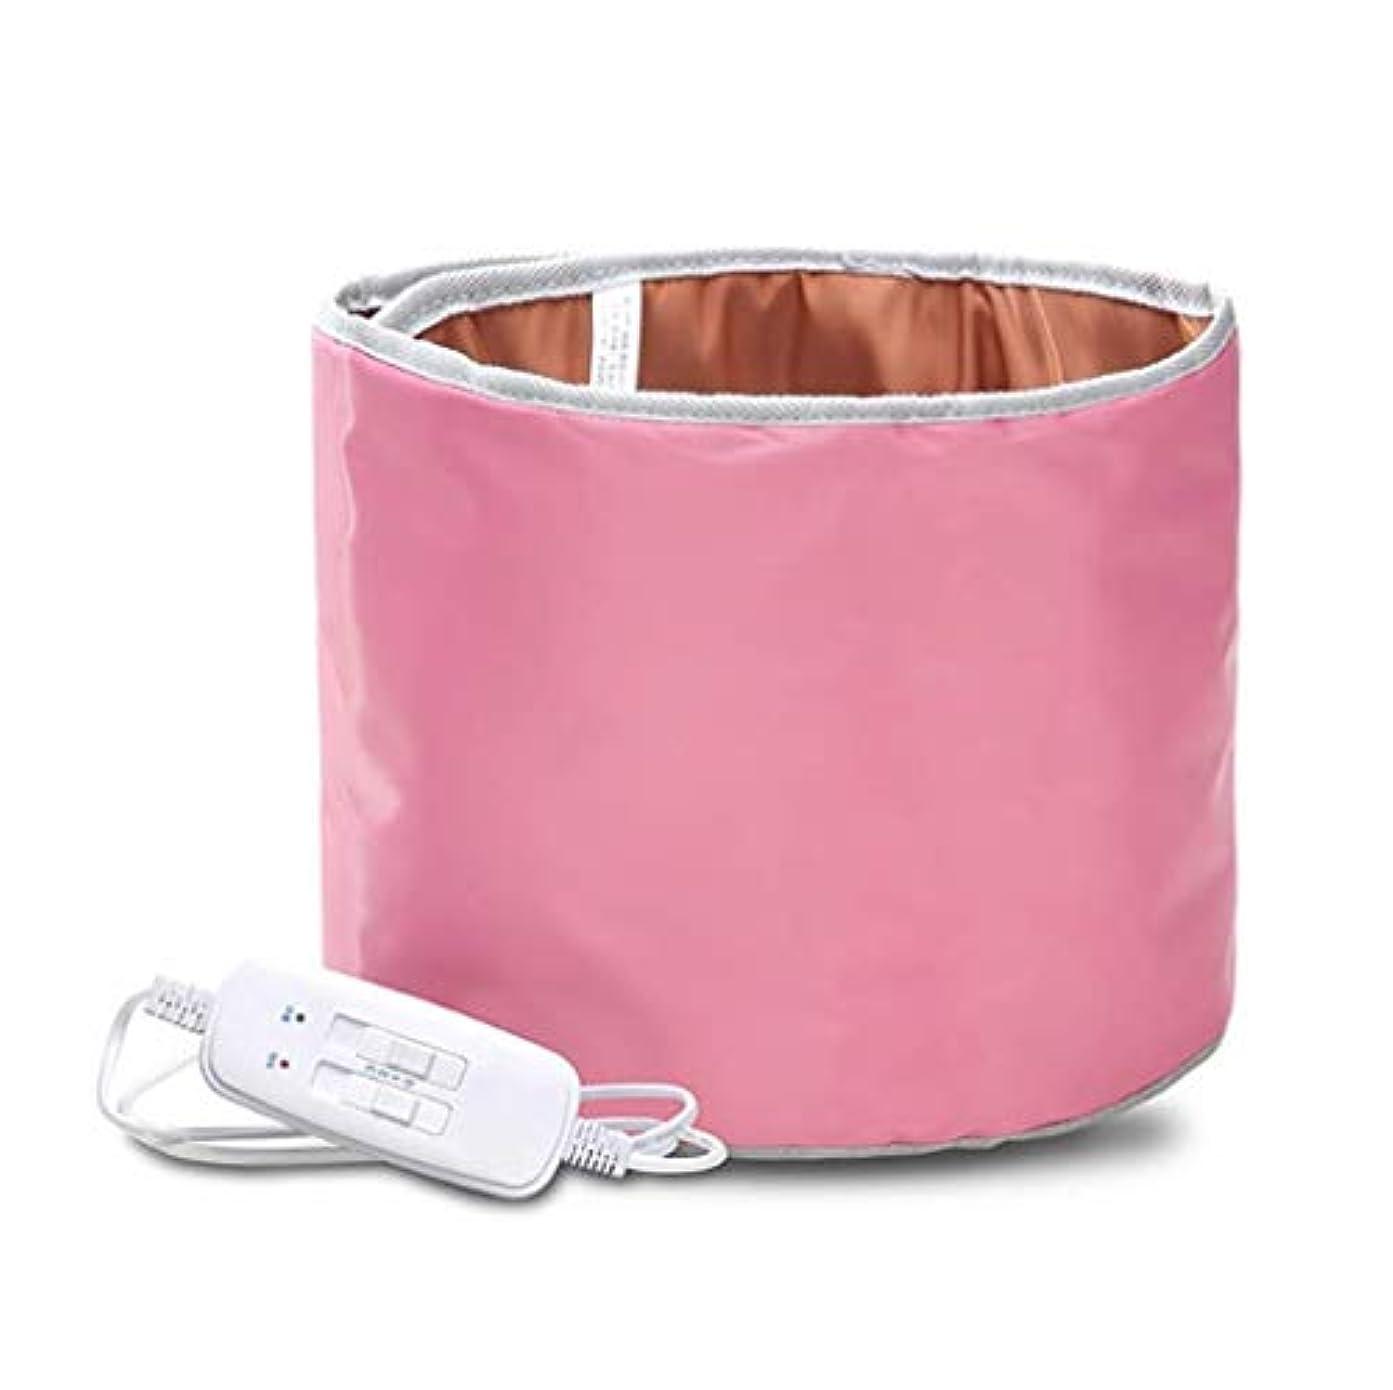 メンダシティ比率怠けたウエストマッサージャー、電熱腰椎サポートベルト、血液循環の促進、痛みの緩和、保温 (Color : ピンク)